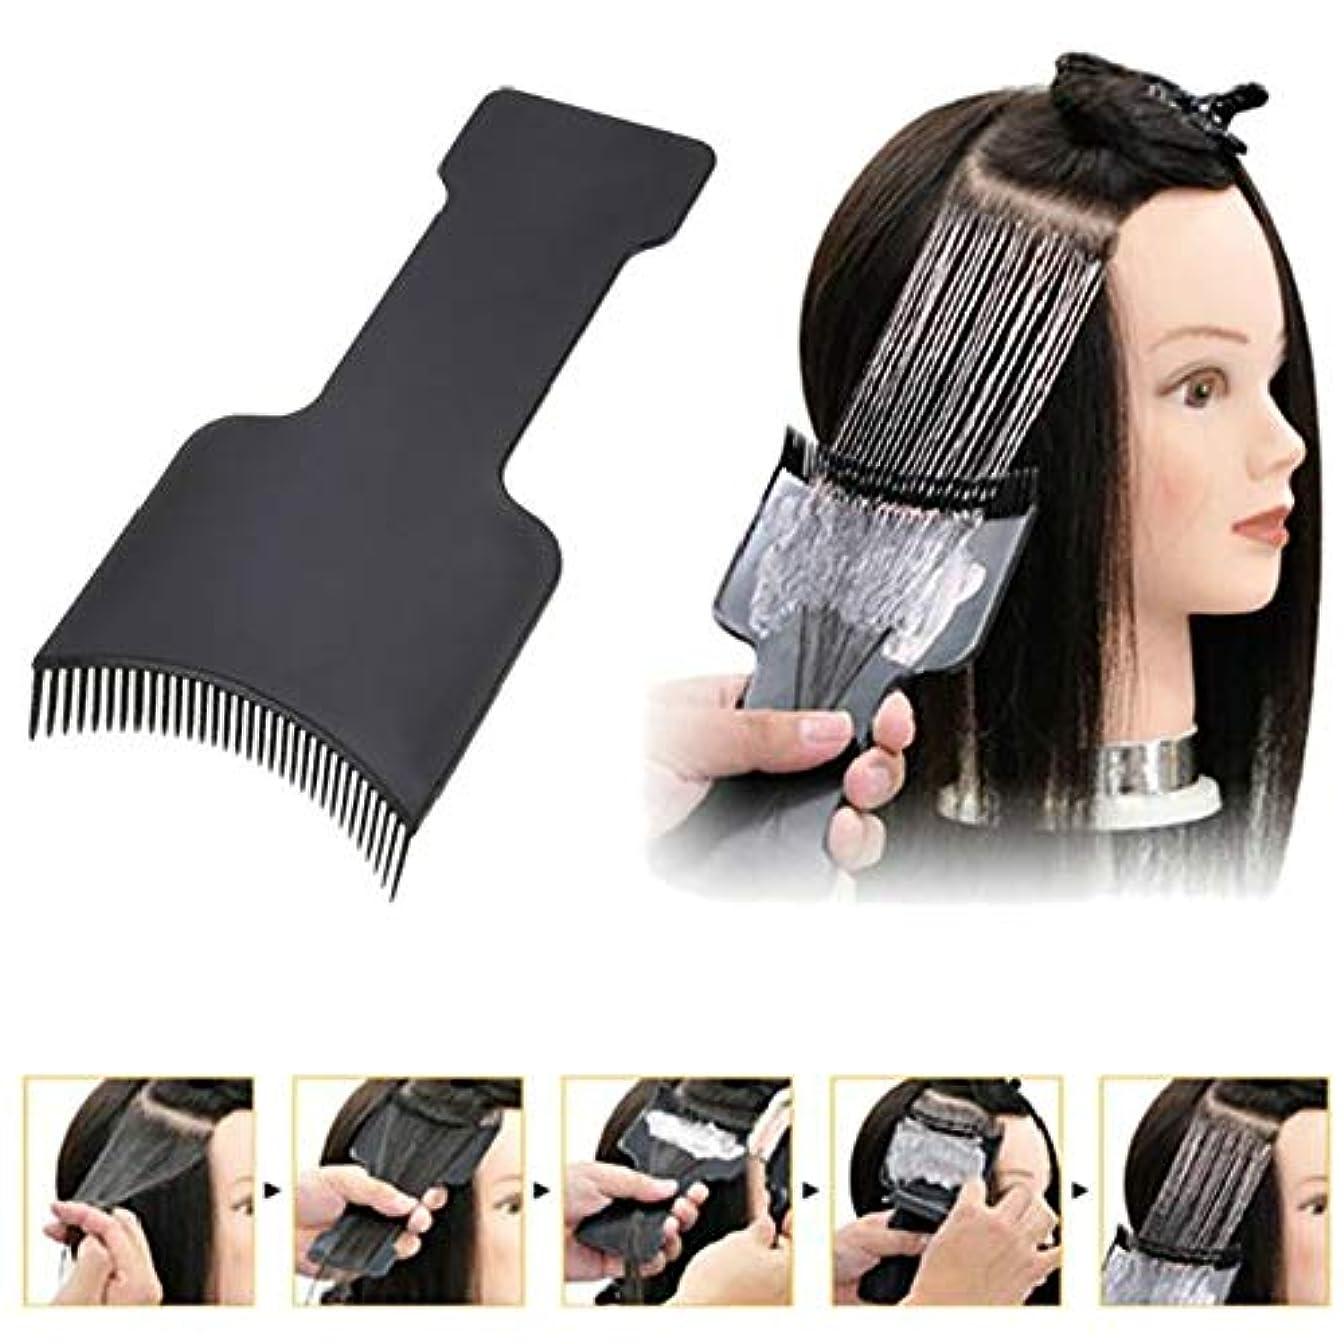 ロケットうぬぼれファンシープロのファッション理髪ヘアアプリケータブラシ調剤サロンヘアカラーリング染色ピックカラーボードヘアスタイリングツール (M,ブラック)